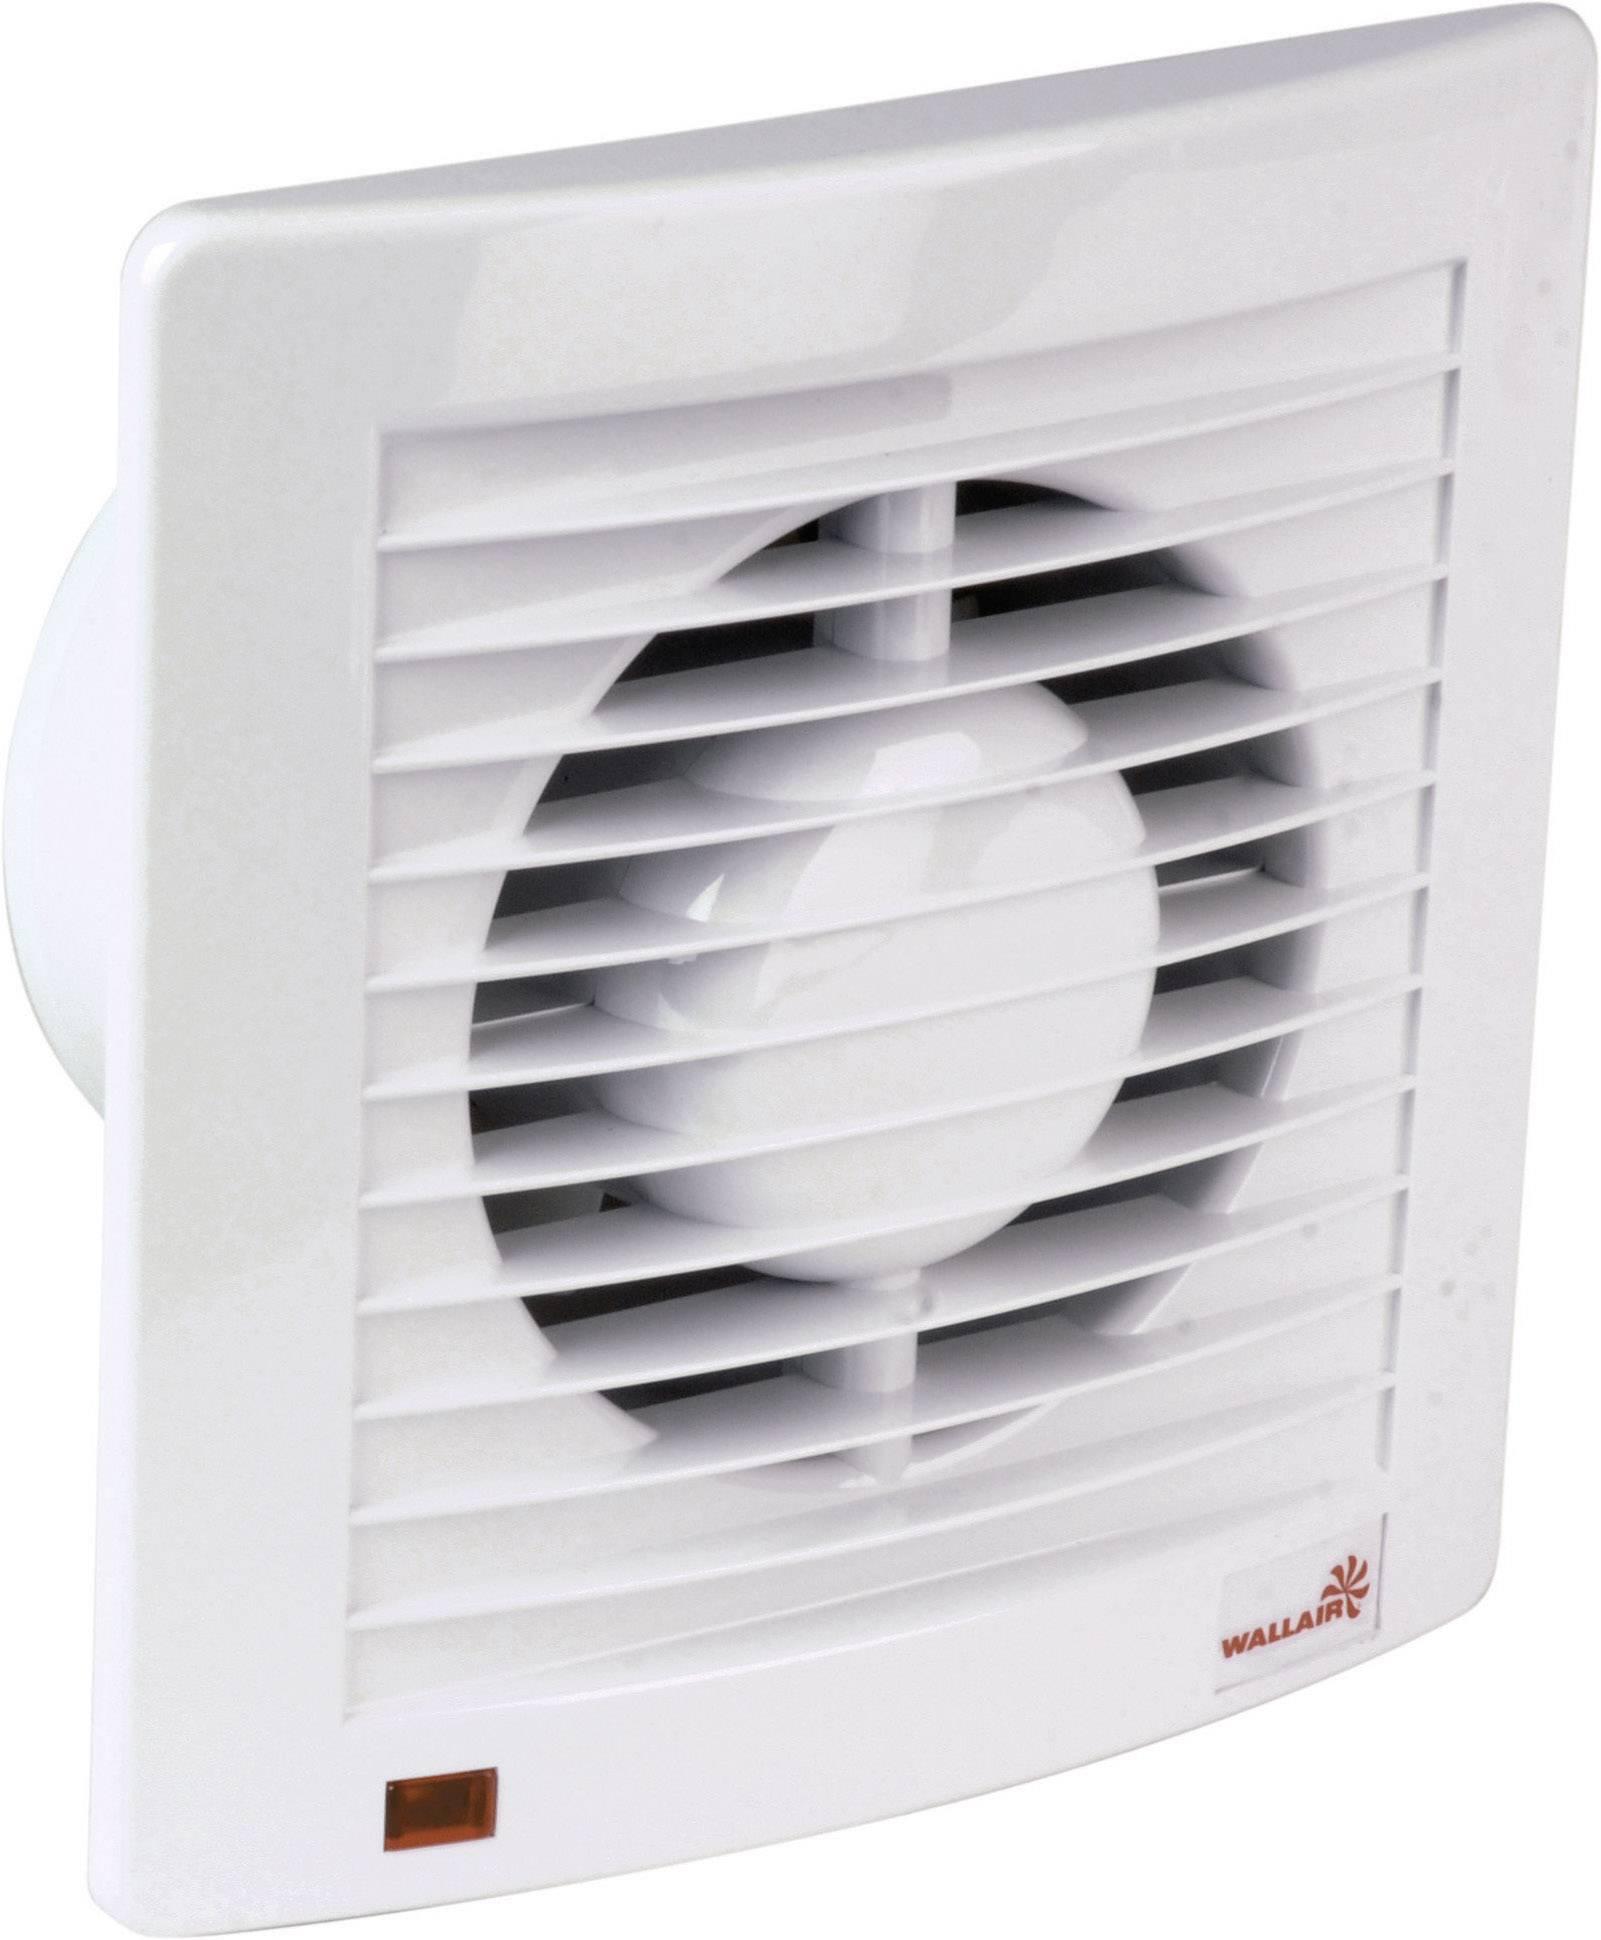 Nástenný a stropný ventilátor Wallair W-Style 120 mm, biely